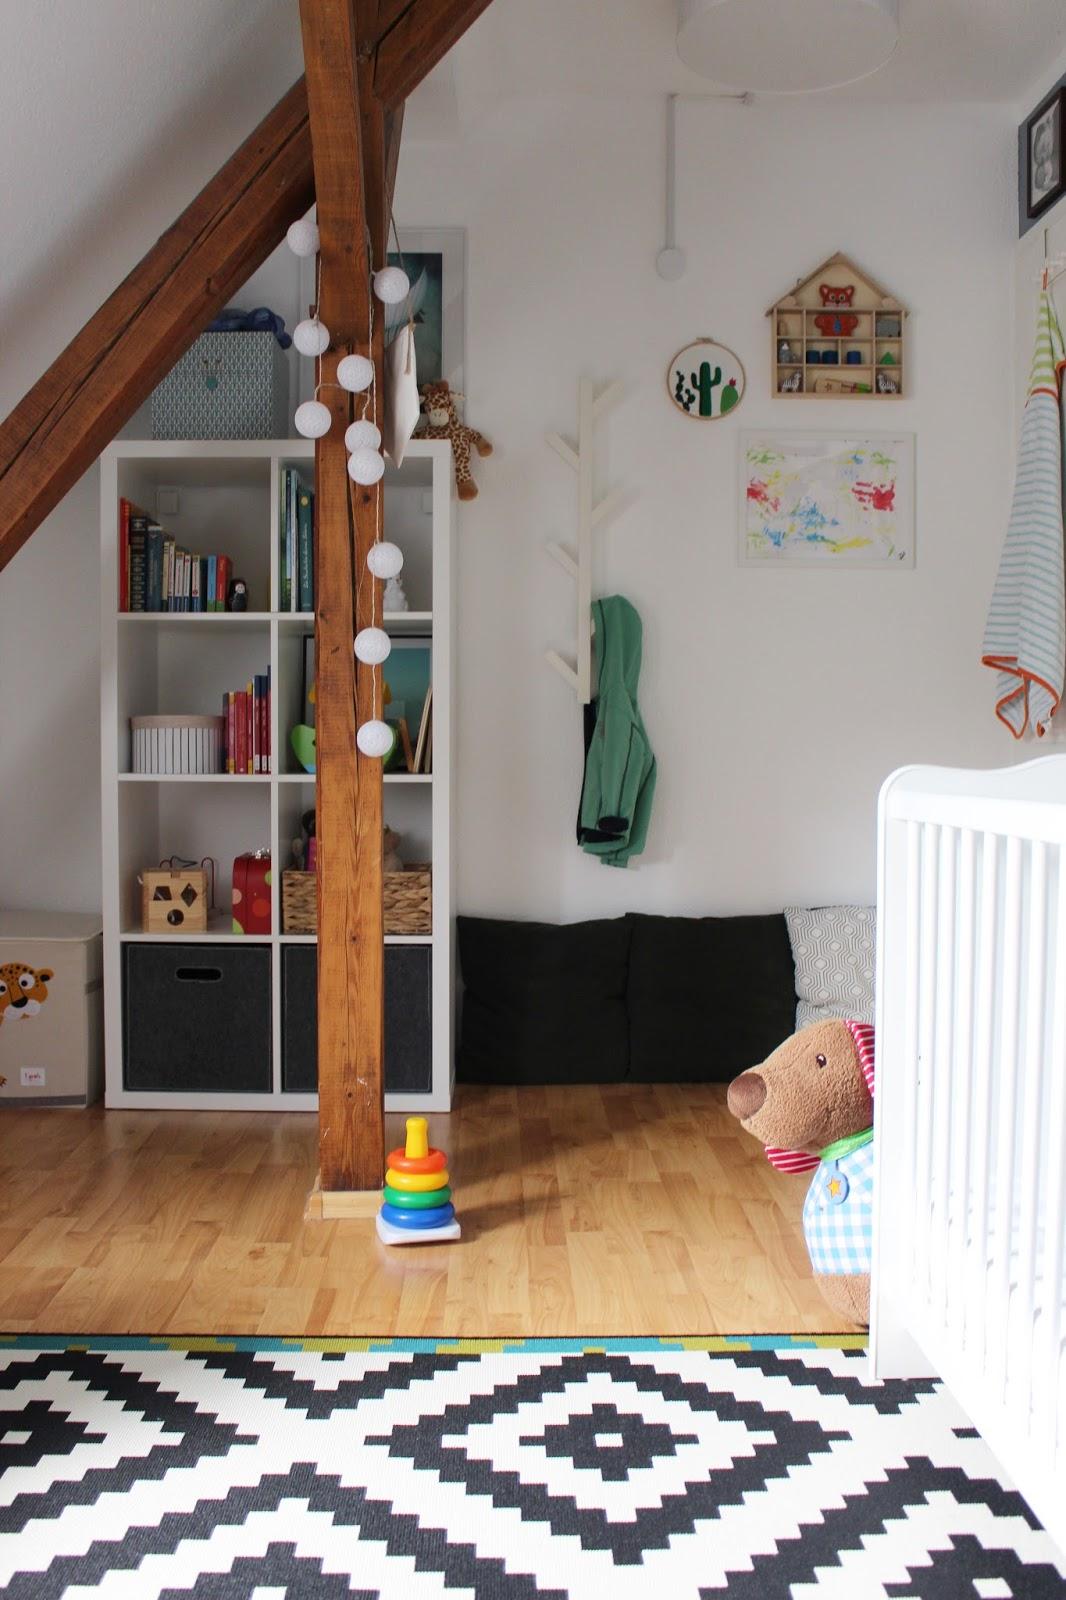 Kinderzimmer Einrichten: Neue (selbstgemachte) Deko In Bunten Farben